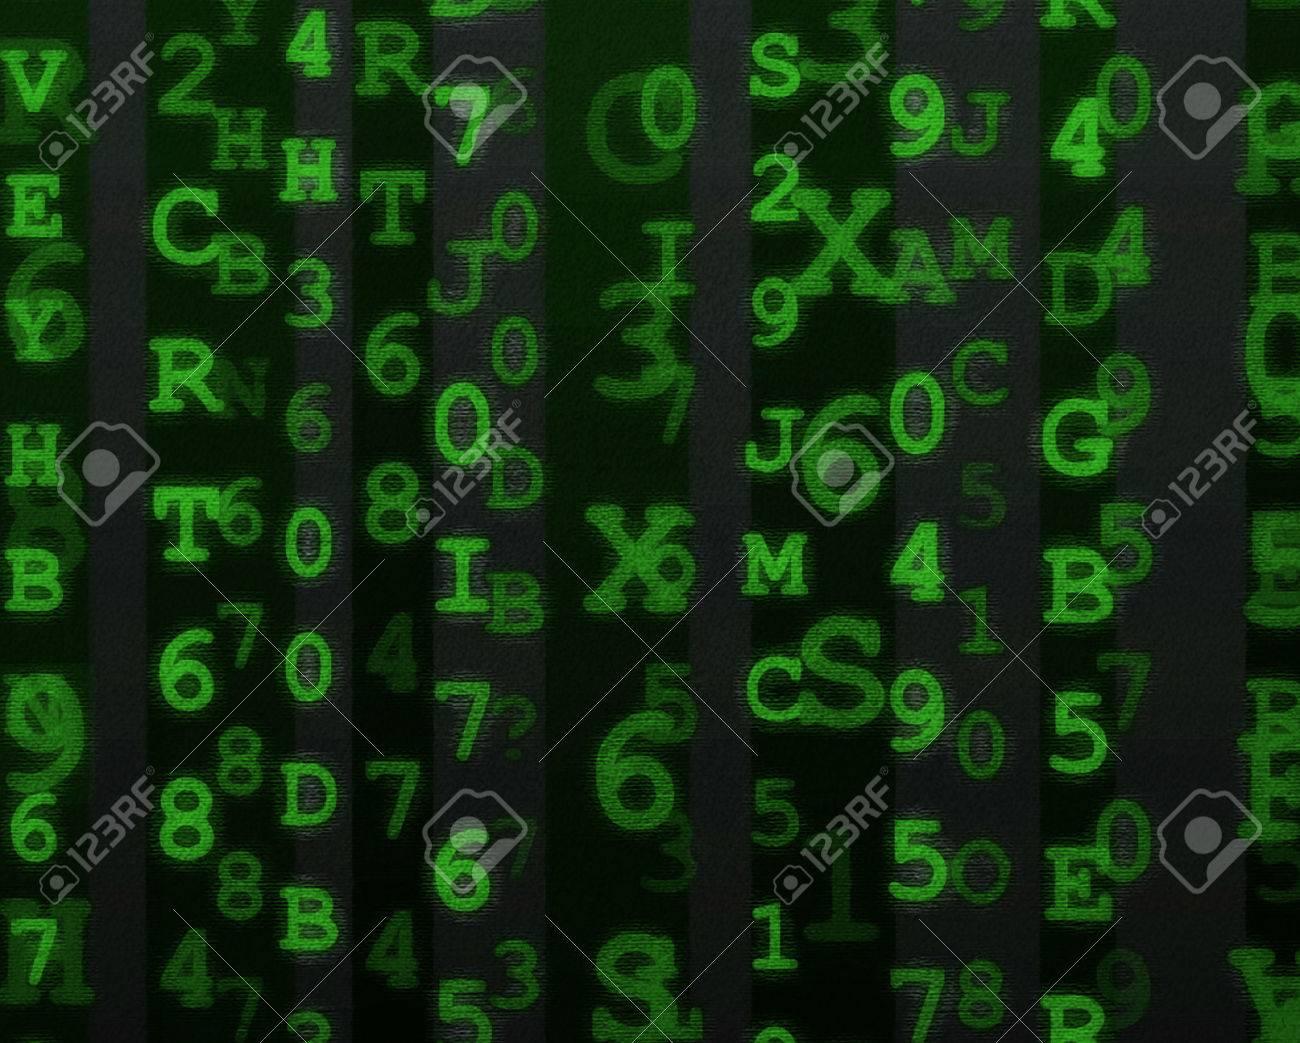 緑の文字と数字の汚れた英数字デ...